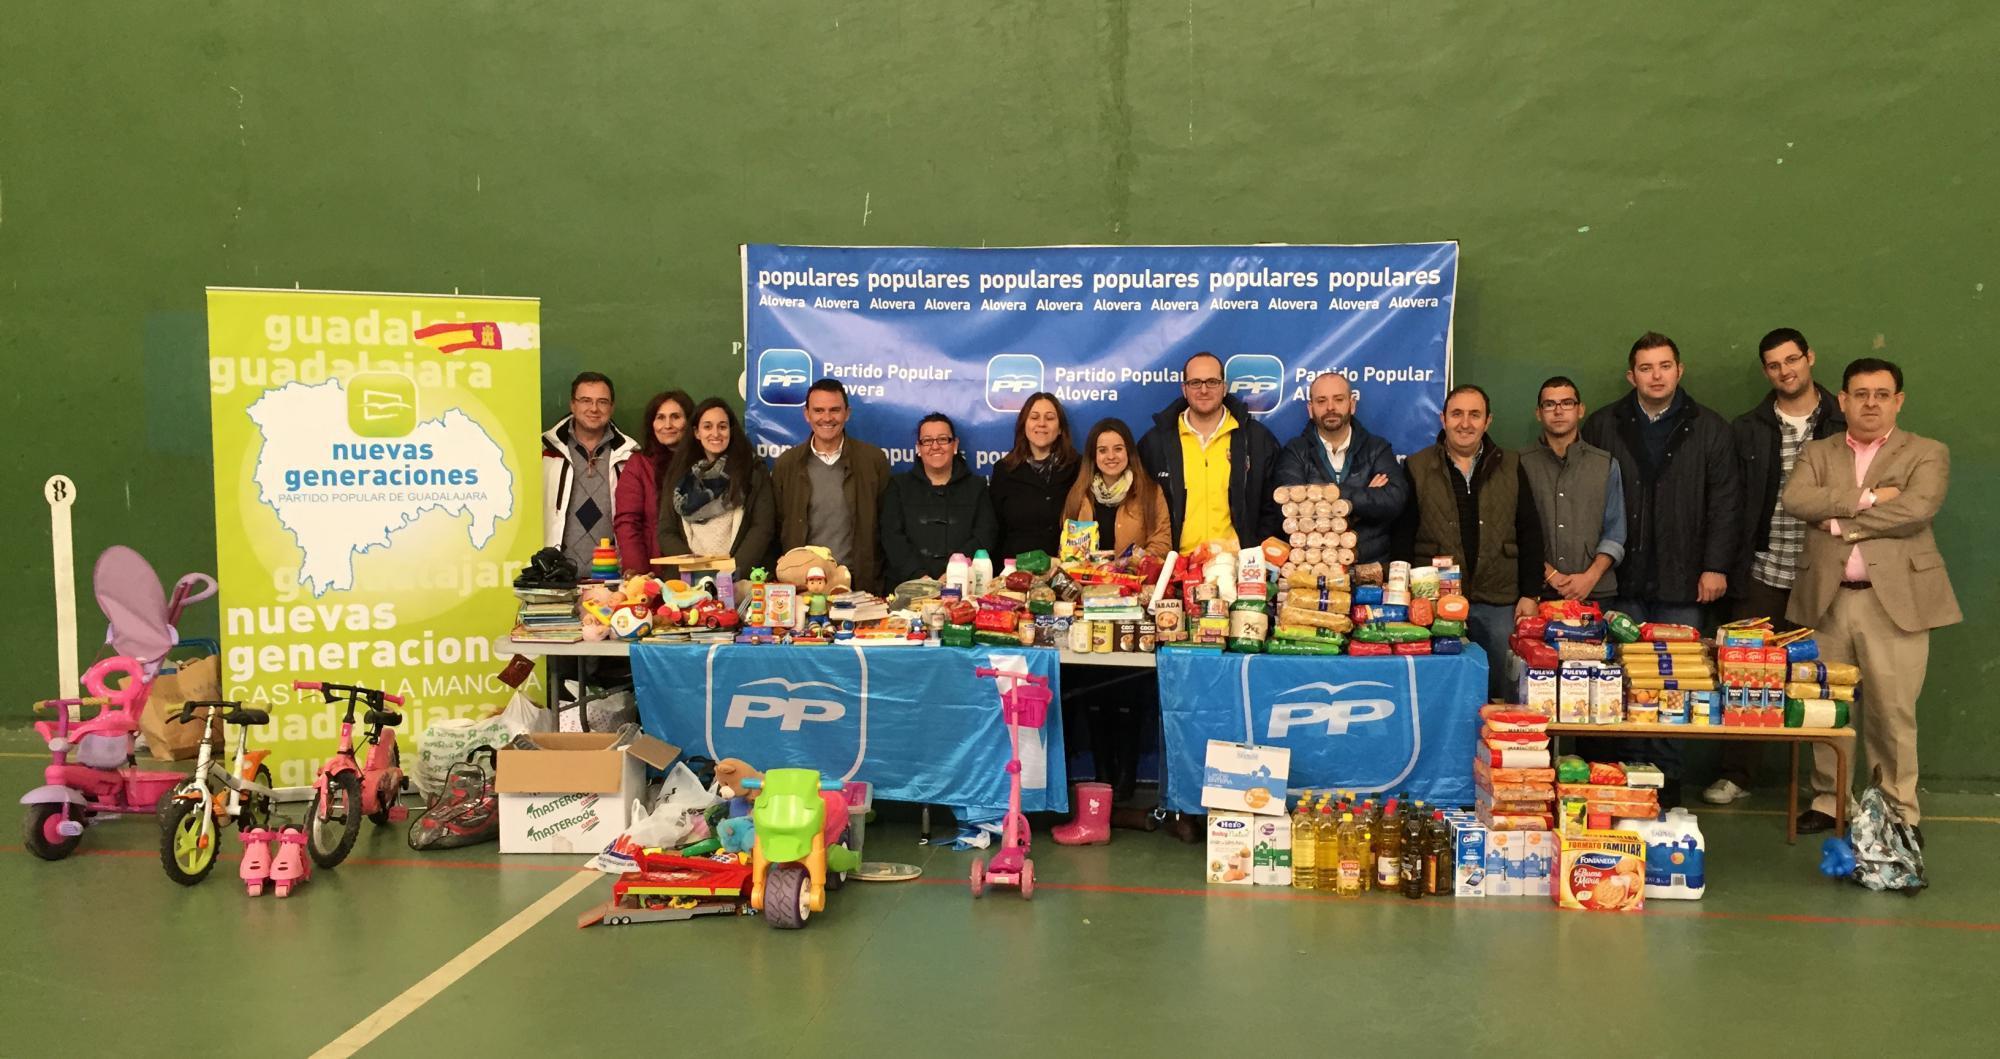 La fiesta de la solidaridad convocada por el PP de Alovera logra recoger 500 kilos de comida y un centenar de juguetes